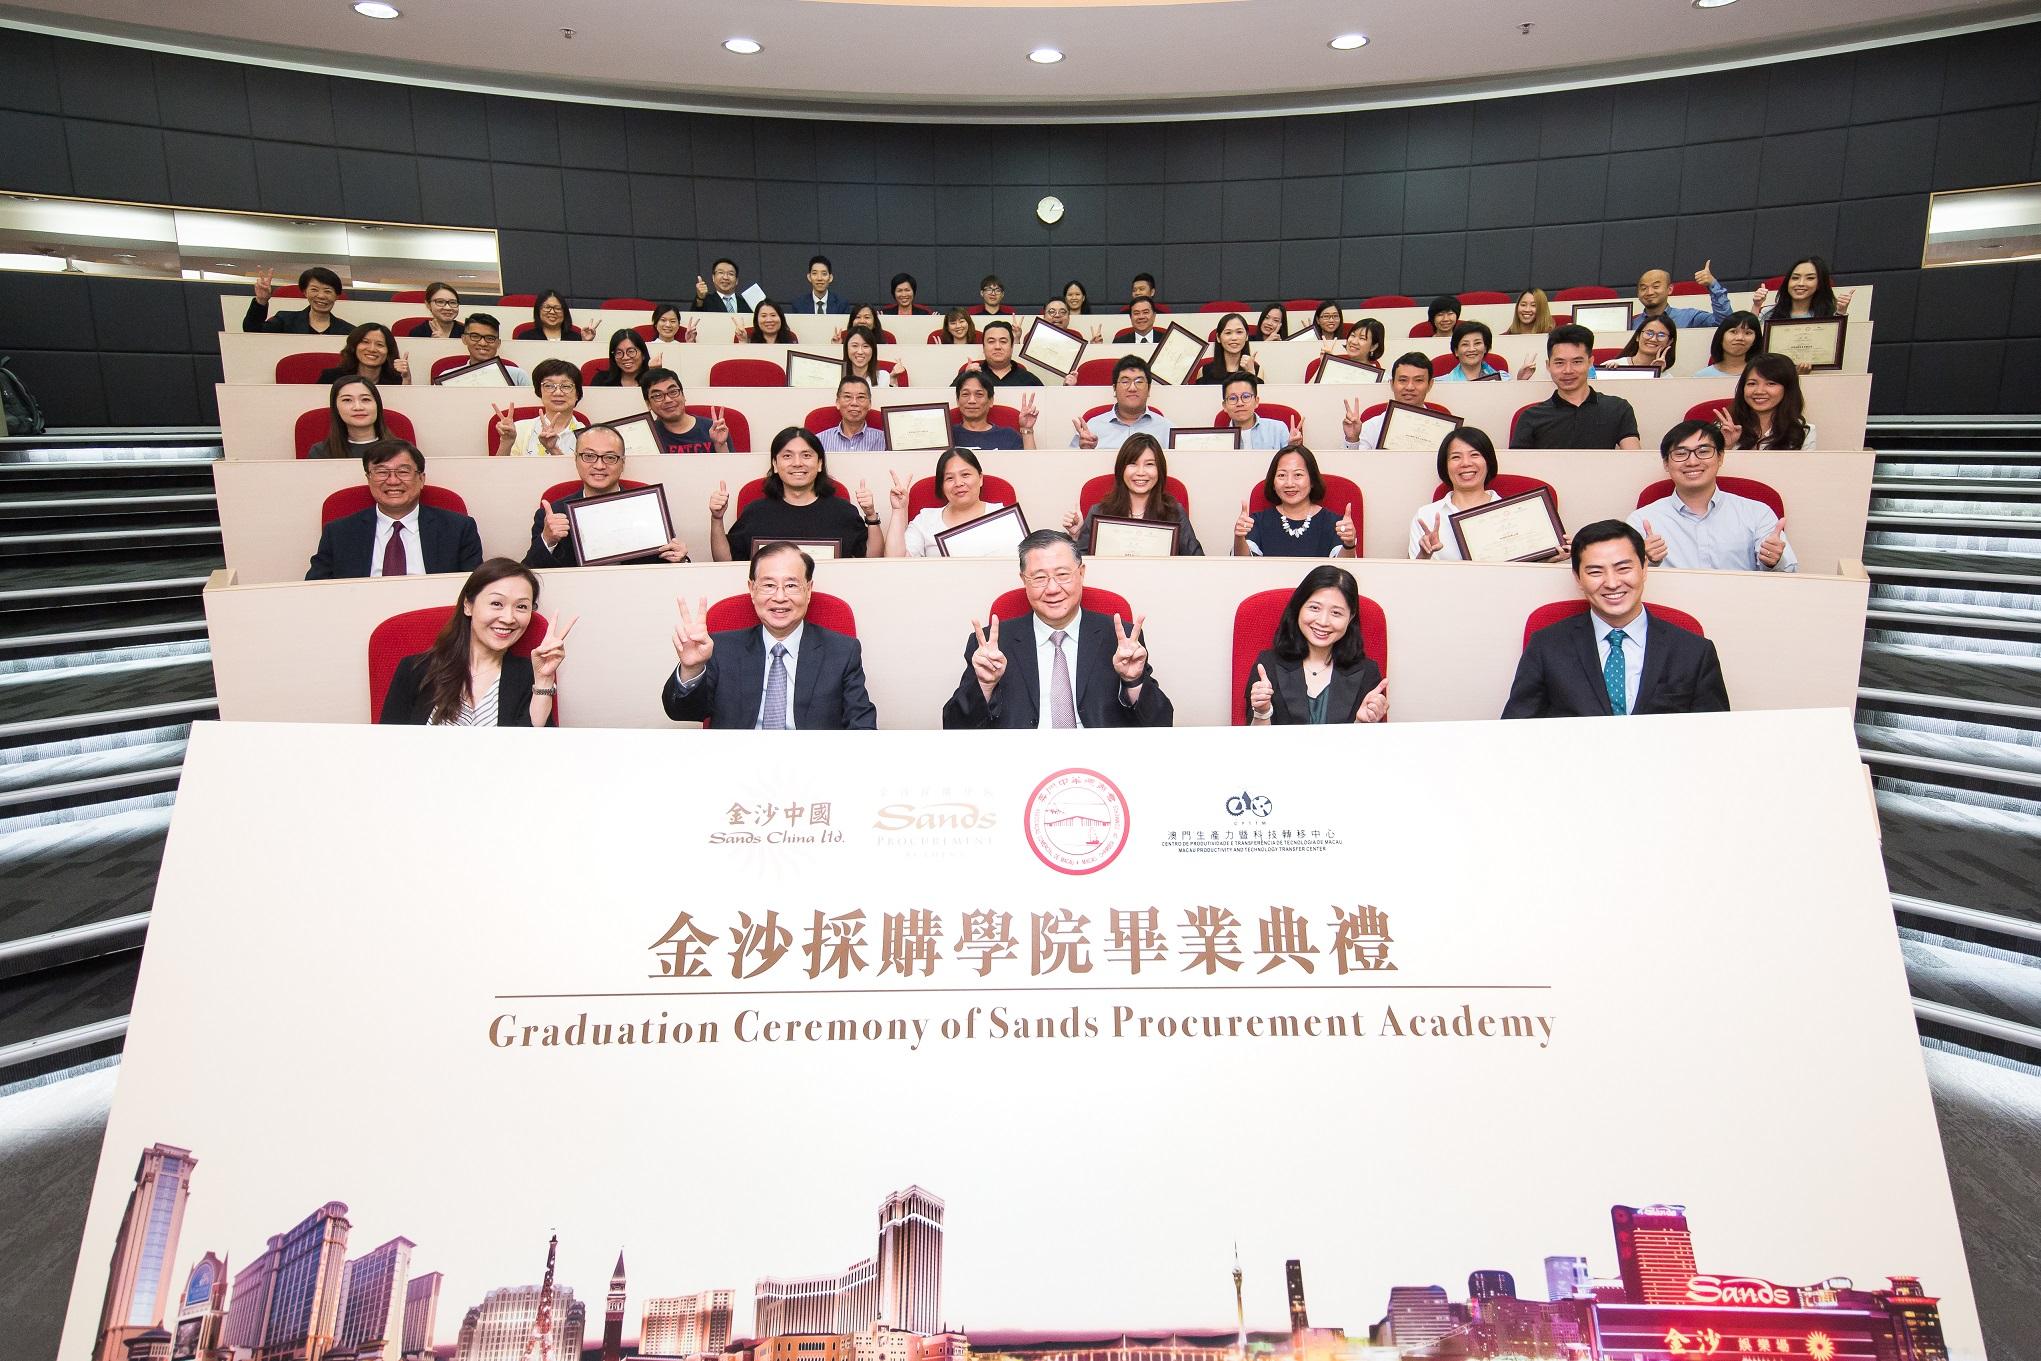 金沙採購學院第三屆學員畢業典禮 - 金沙中國